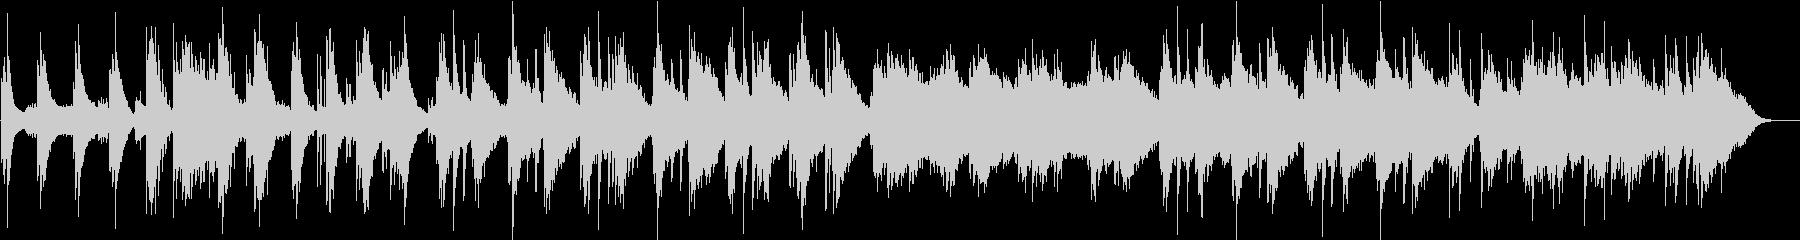 ピアノが静かに響くアンビエントの未再生の波形